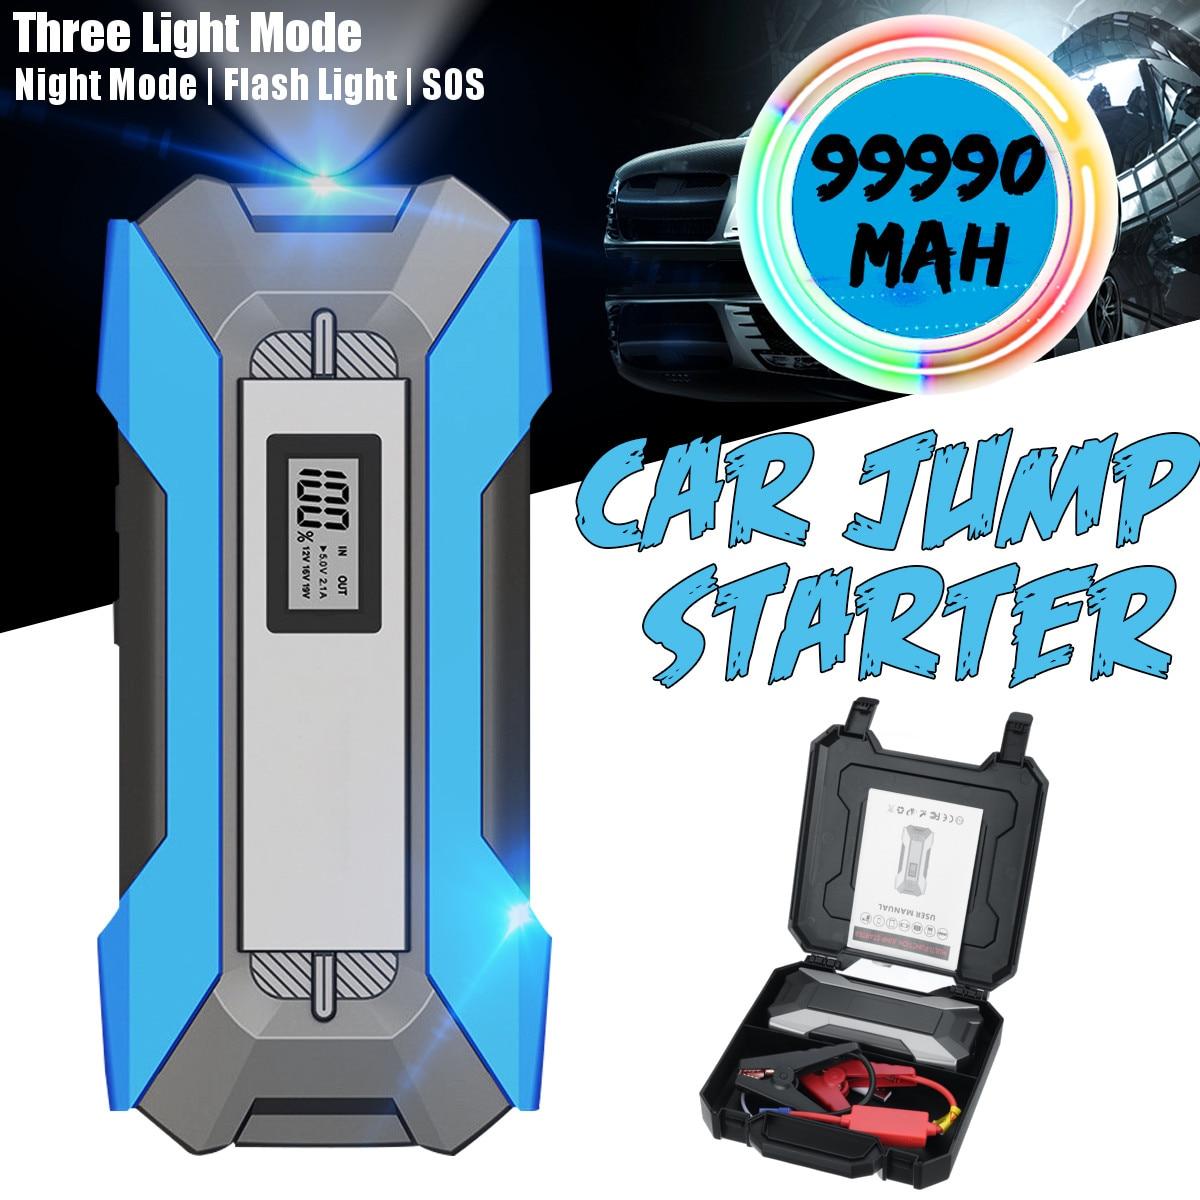 99990 мАч, 5 портов, автомобильный стартер, автомобильный аккумулятор, перемычка, 12 В, 3,0, быстрое зарядное устройство, 3 USB, 2 типа C, аварийный вне...